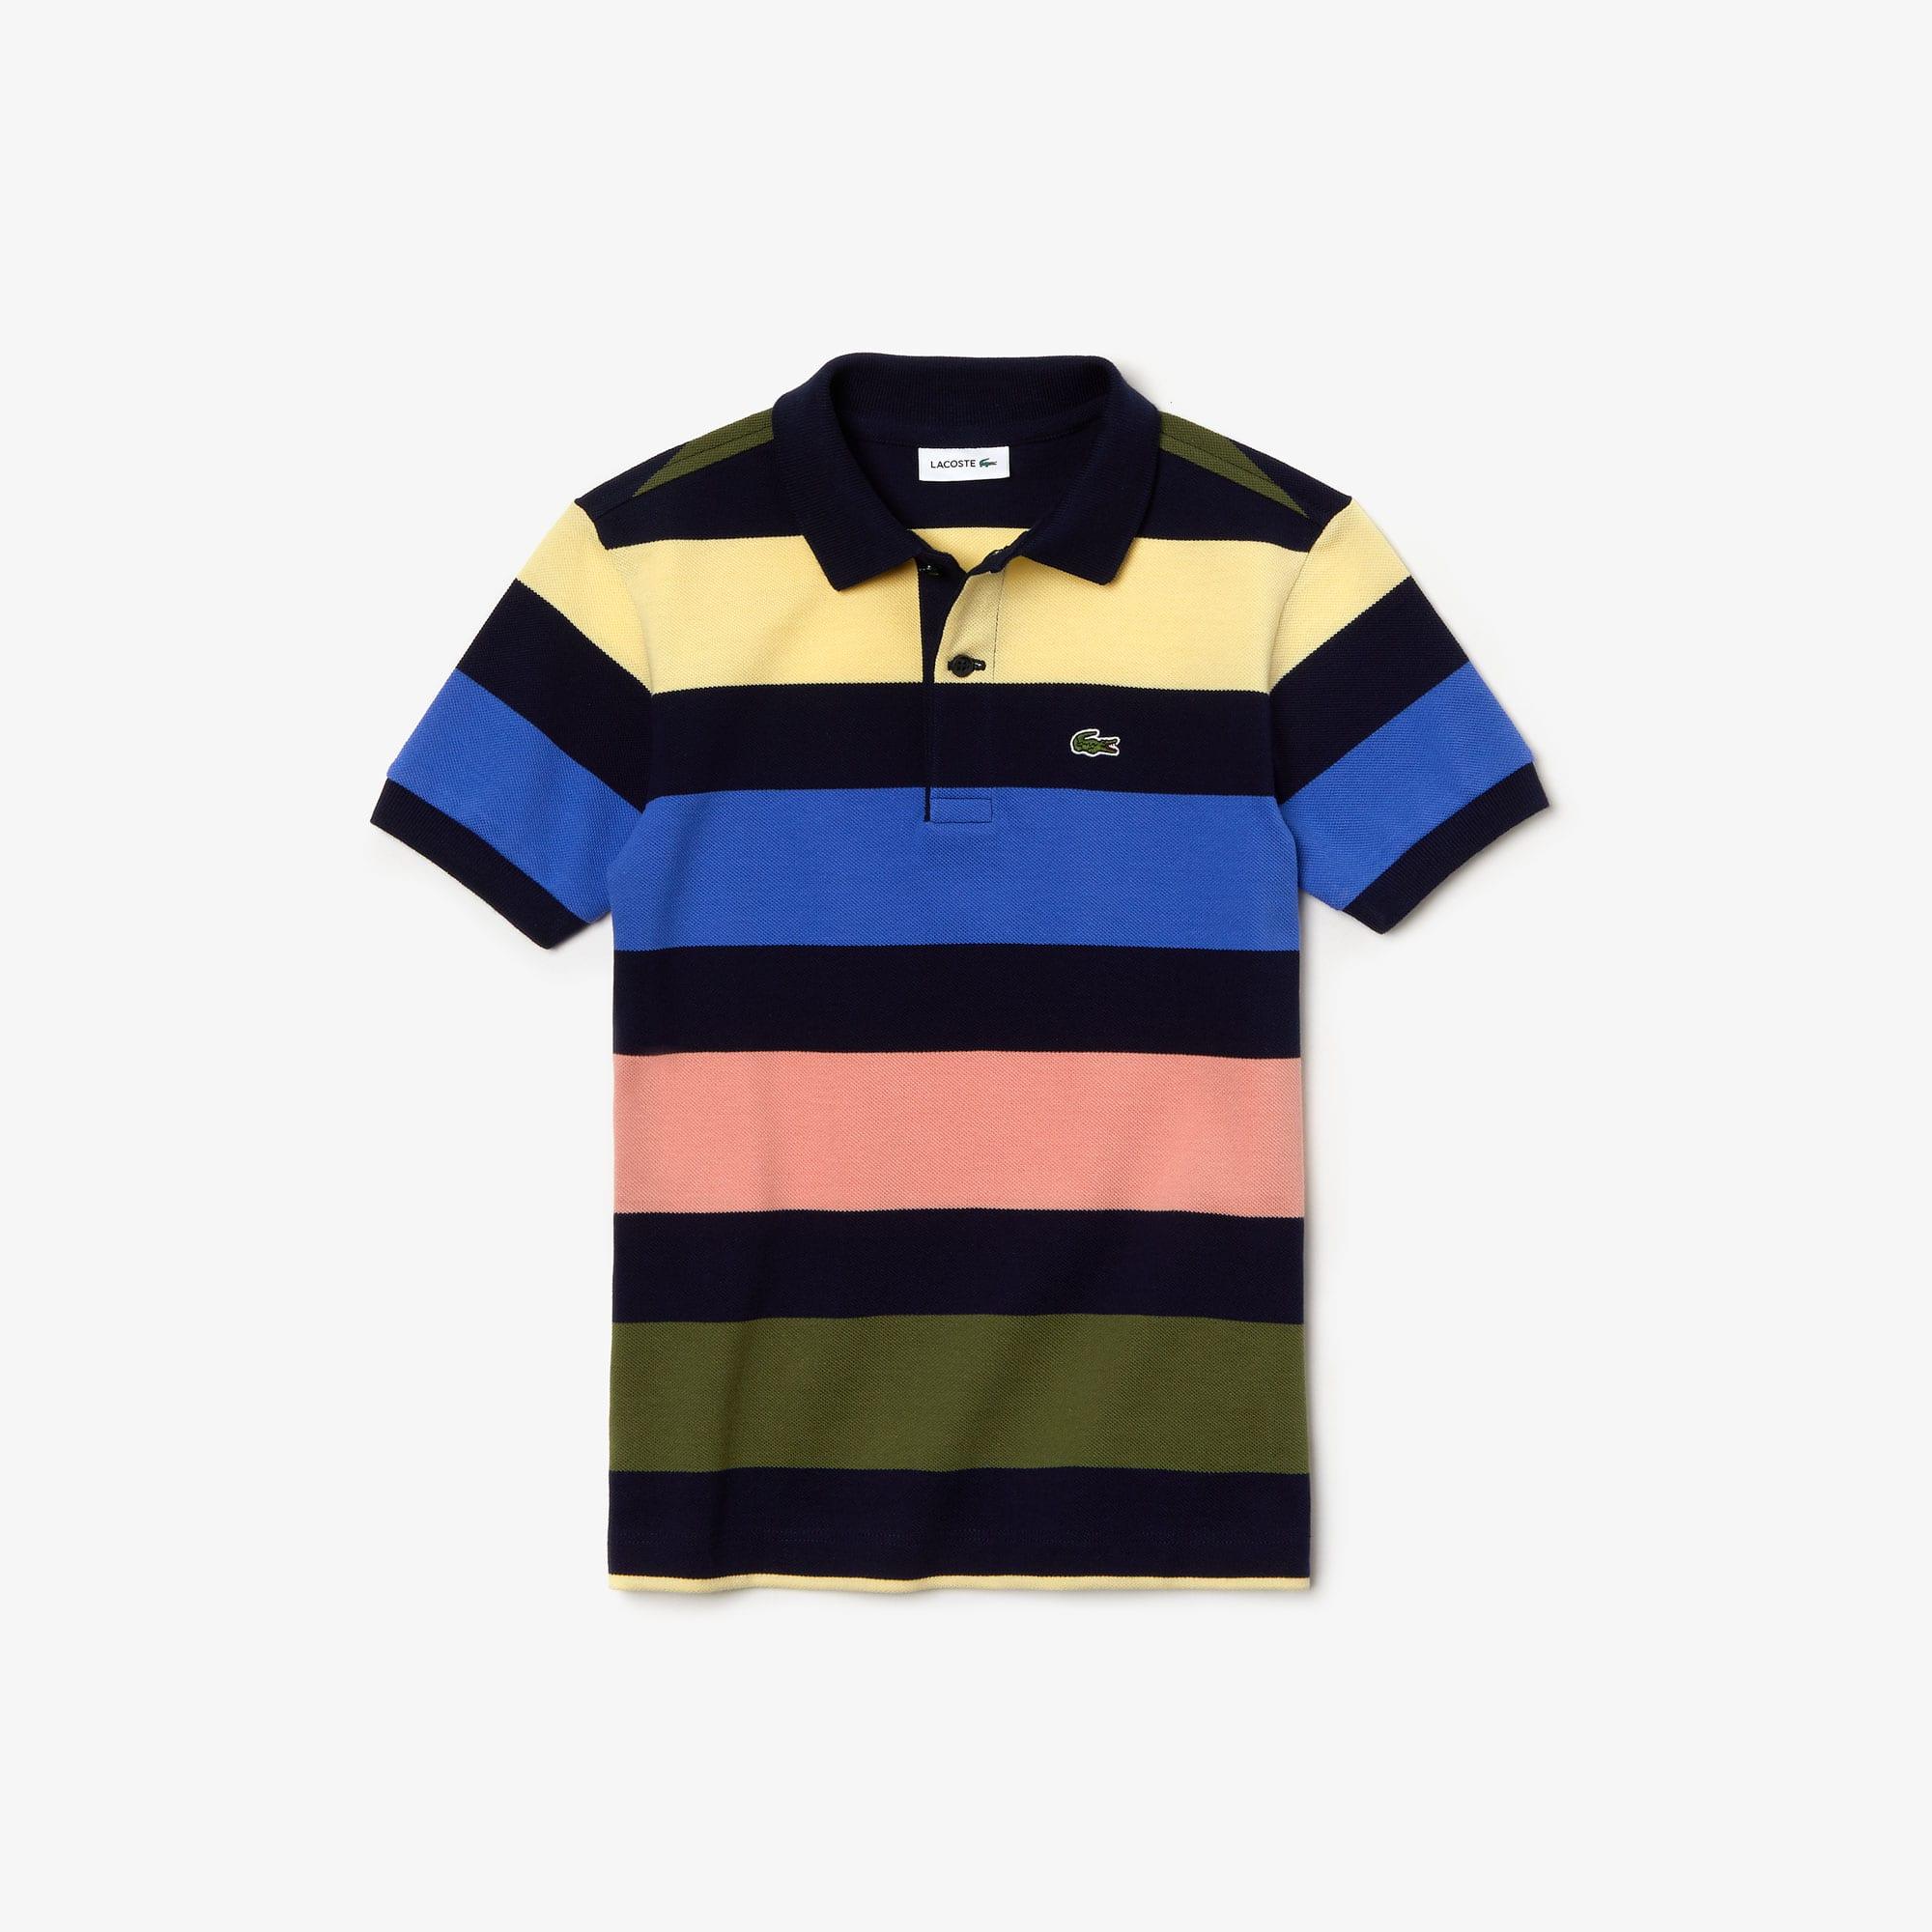 2eb677a7 Boys' Lacoste Colored Stripes Piqué Polo Shirt